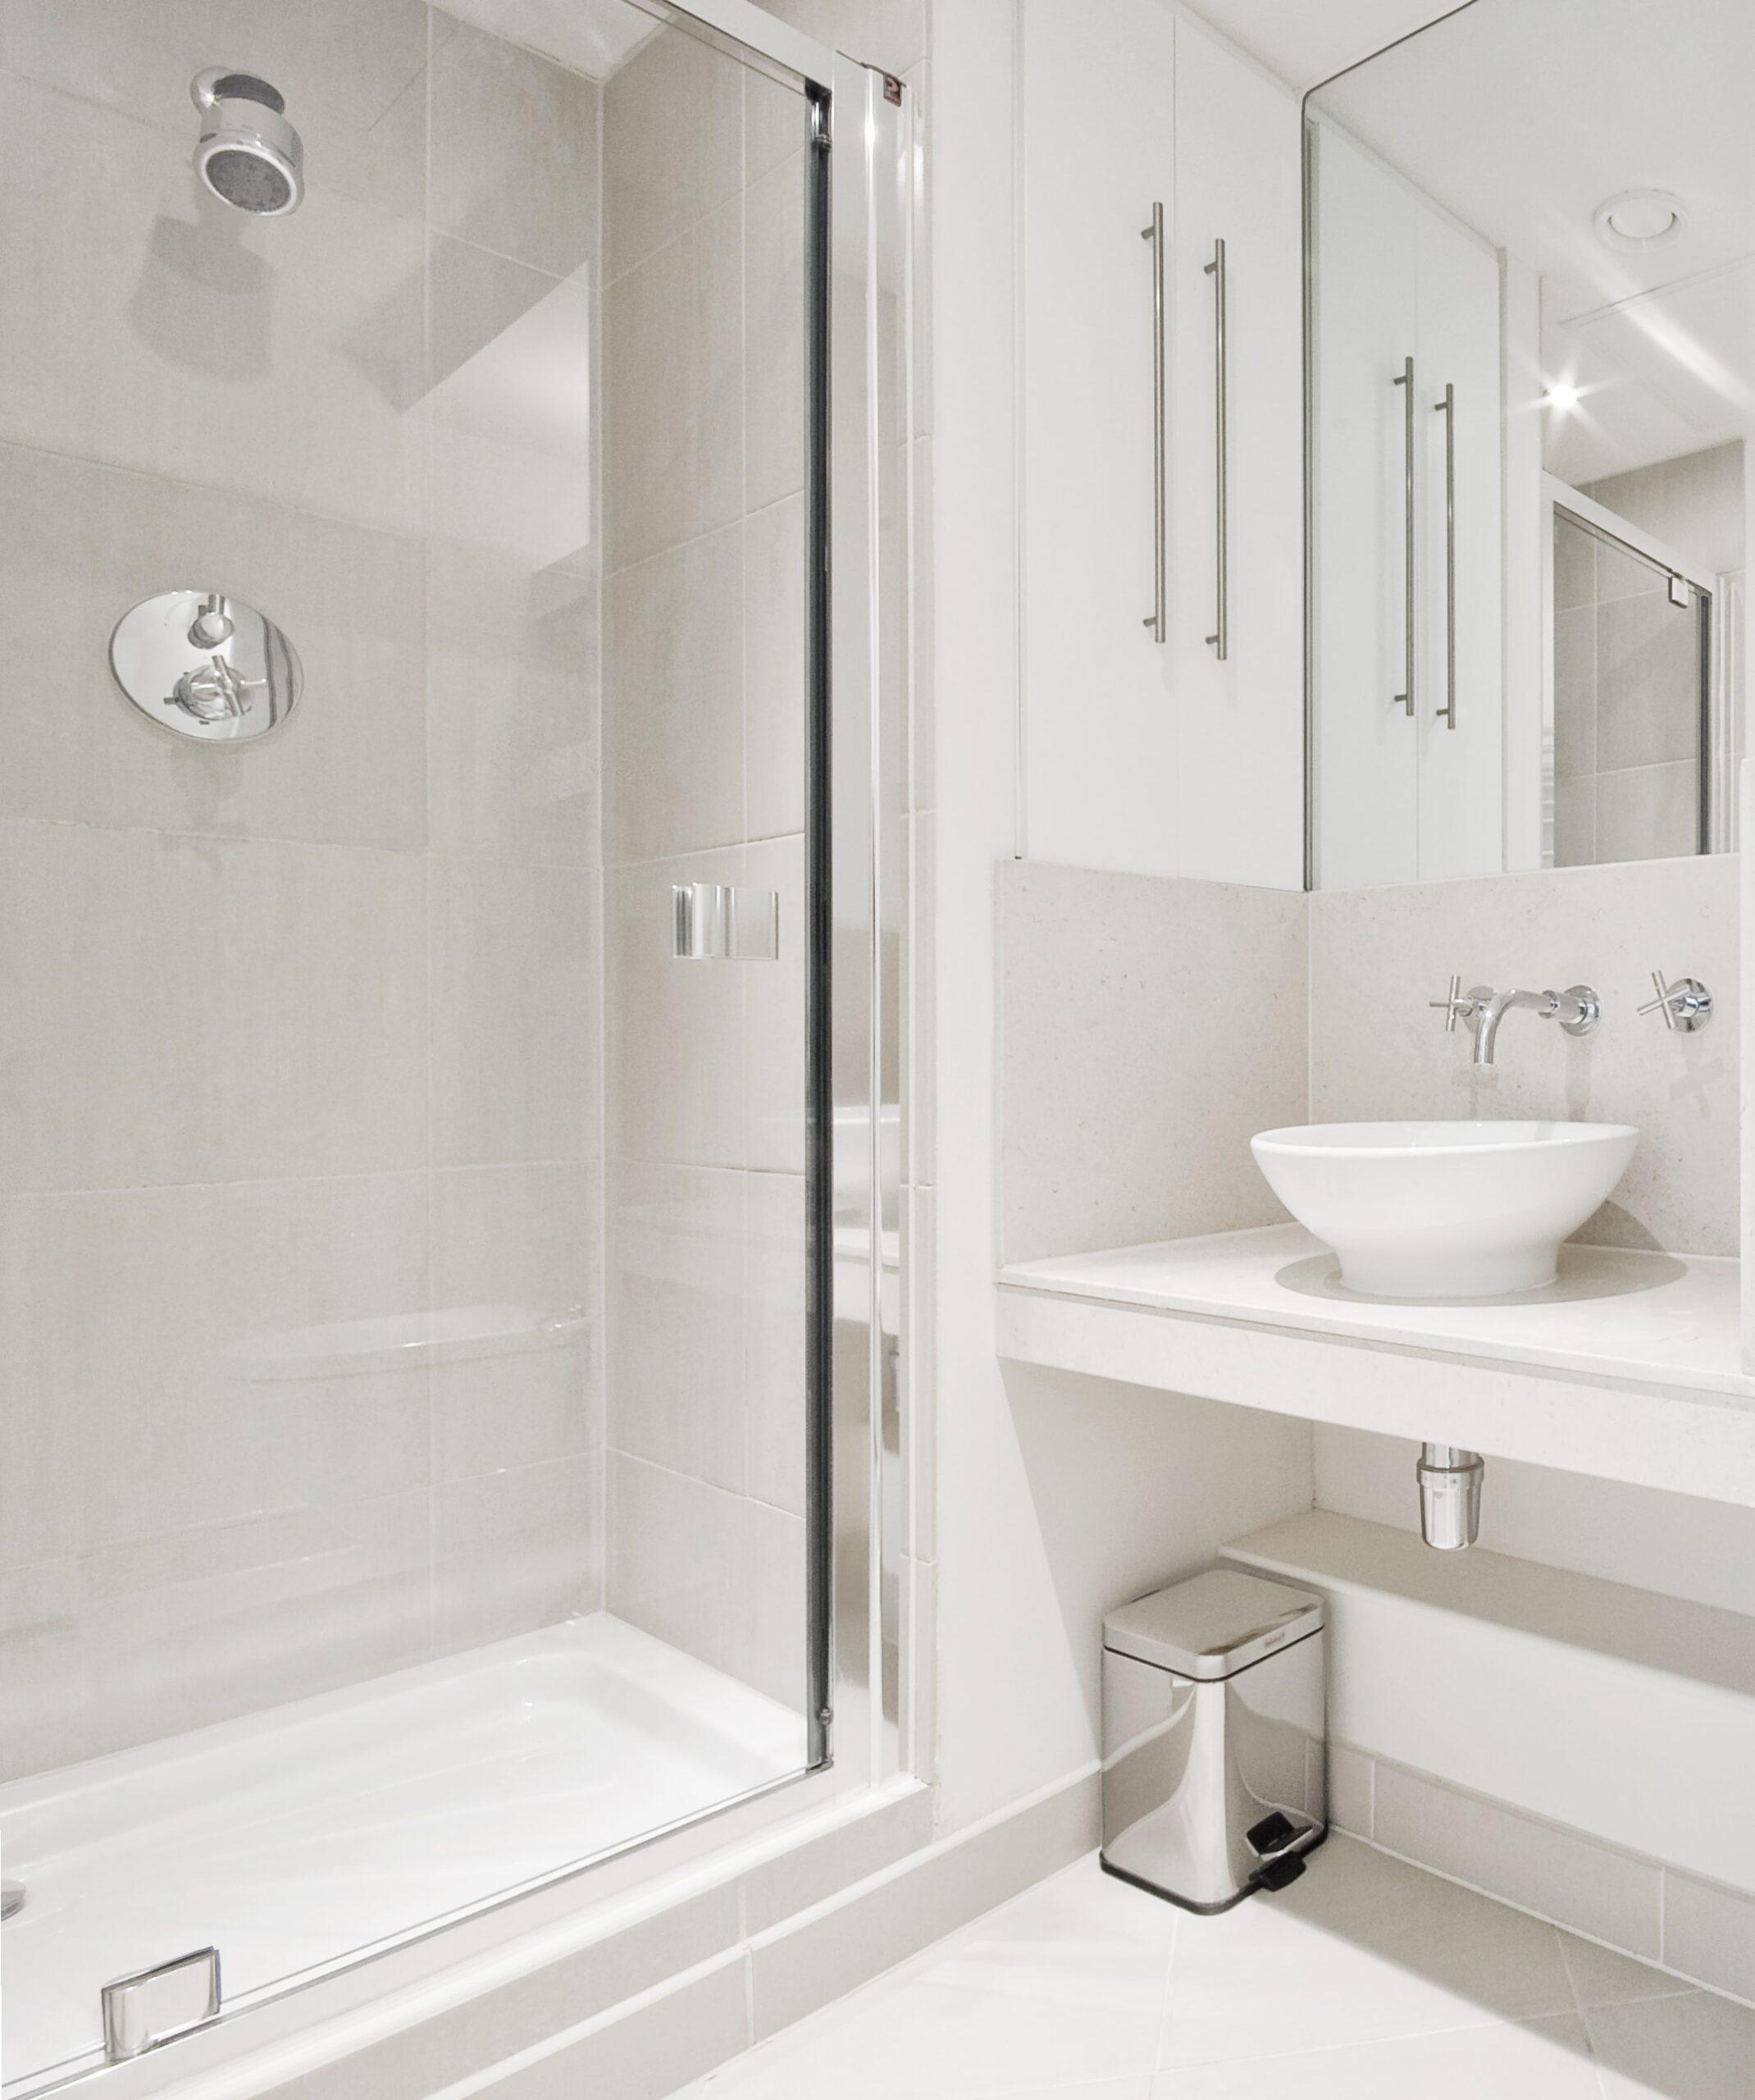 Płytki do małej łazienki - jasne